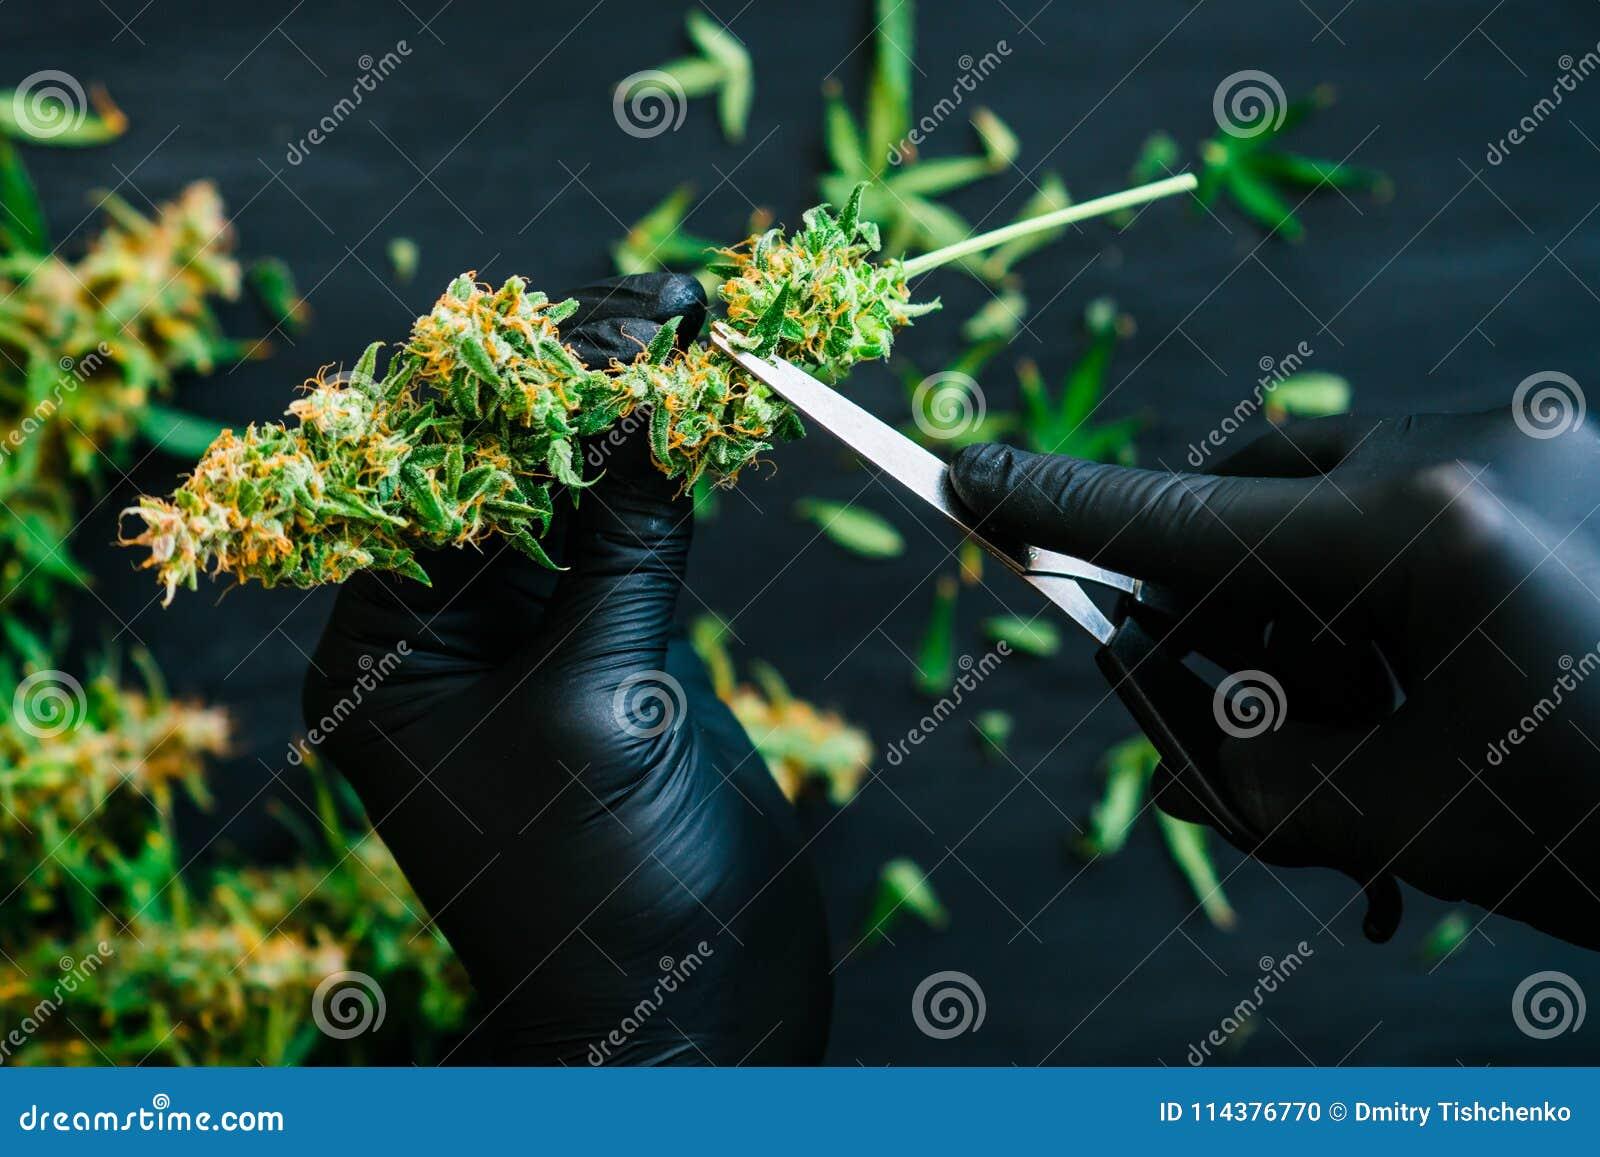 人种植者整理新鲜的收获大麻芽 大麻